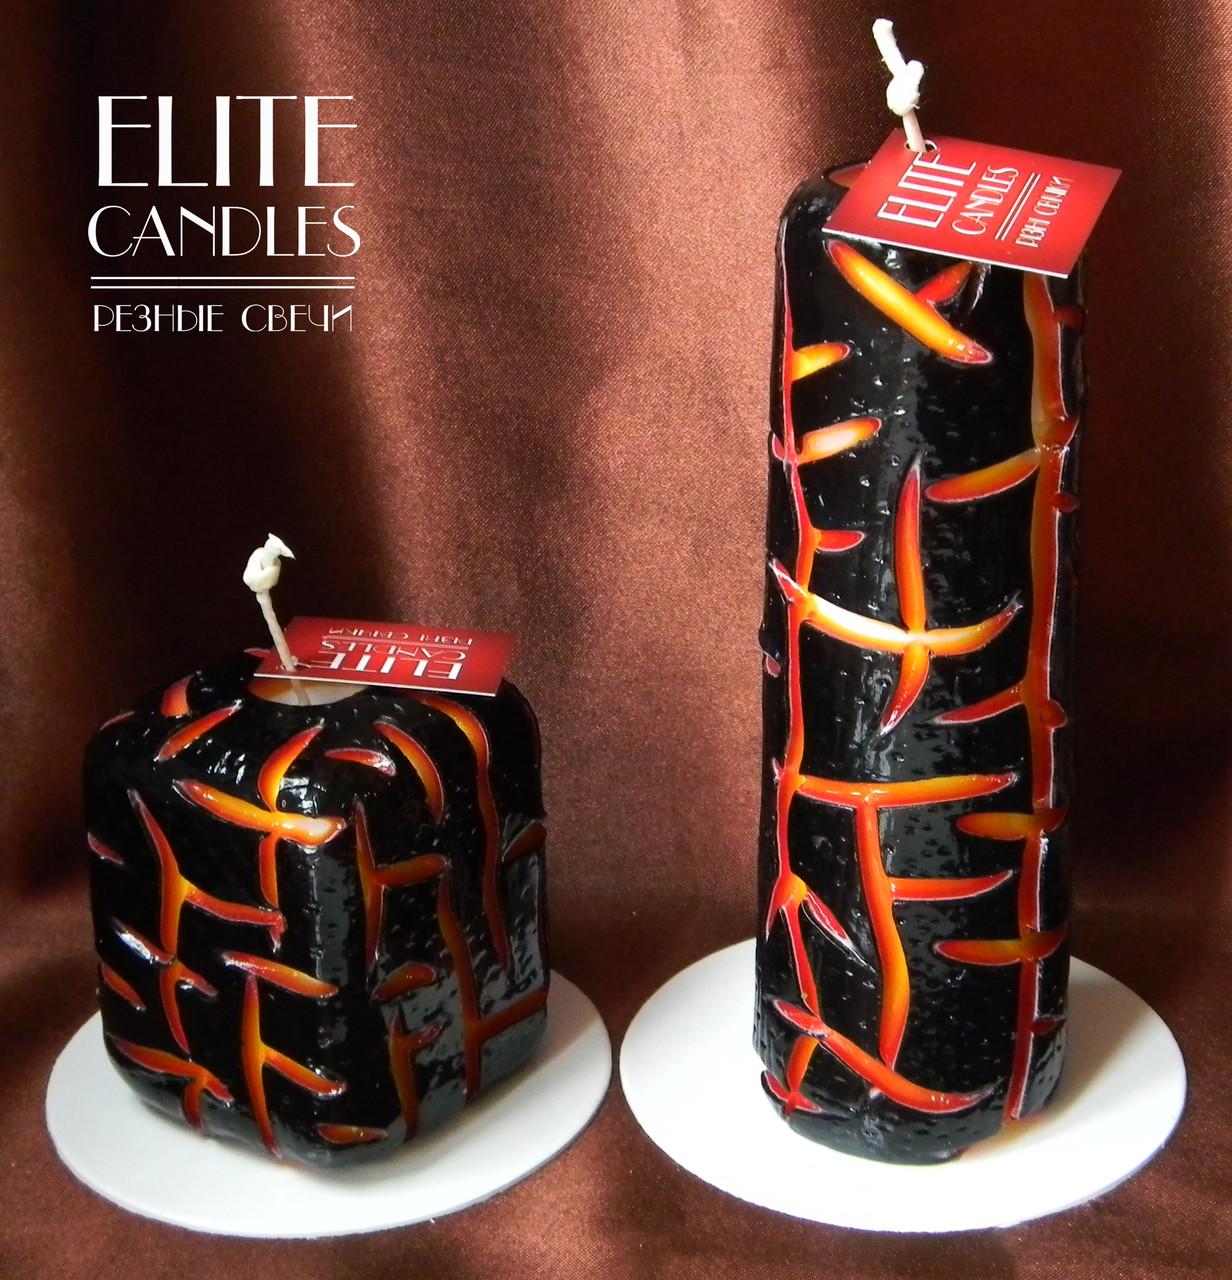 Декоративные свечи ELITE CANDLES - ручная робота, собственный дизайн, оригинальные цвета